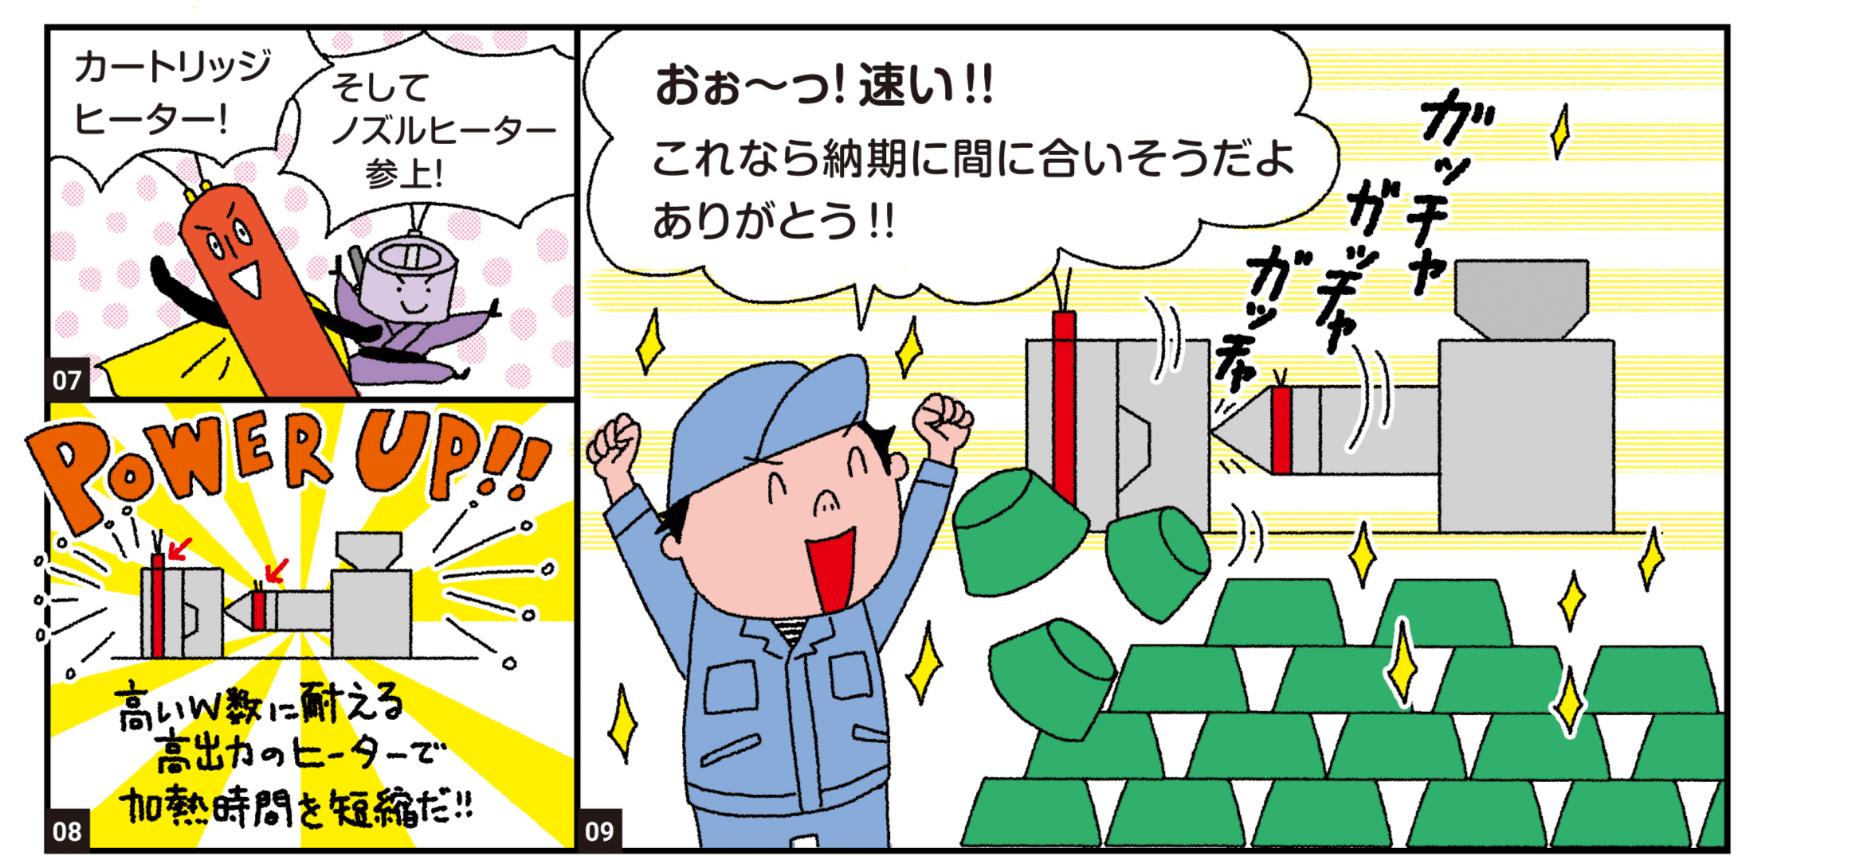 マンガ3ページ目